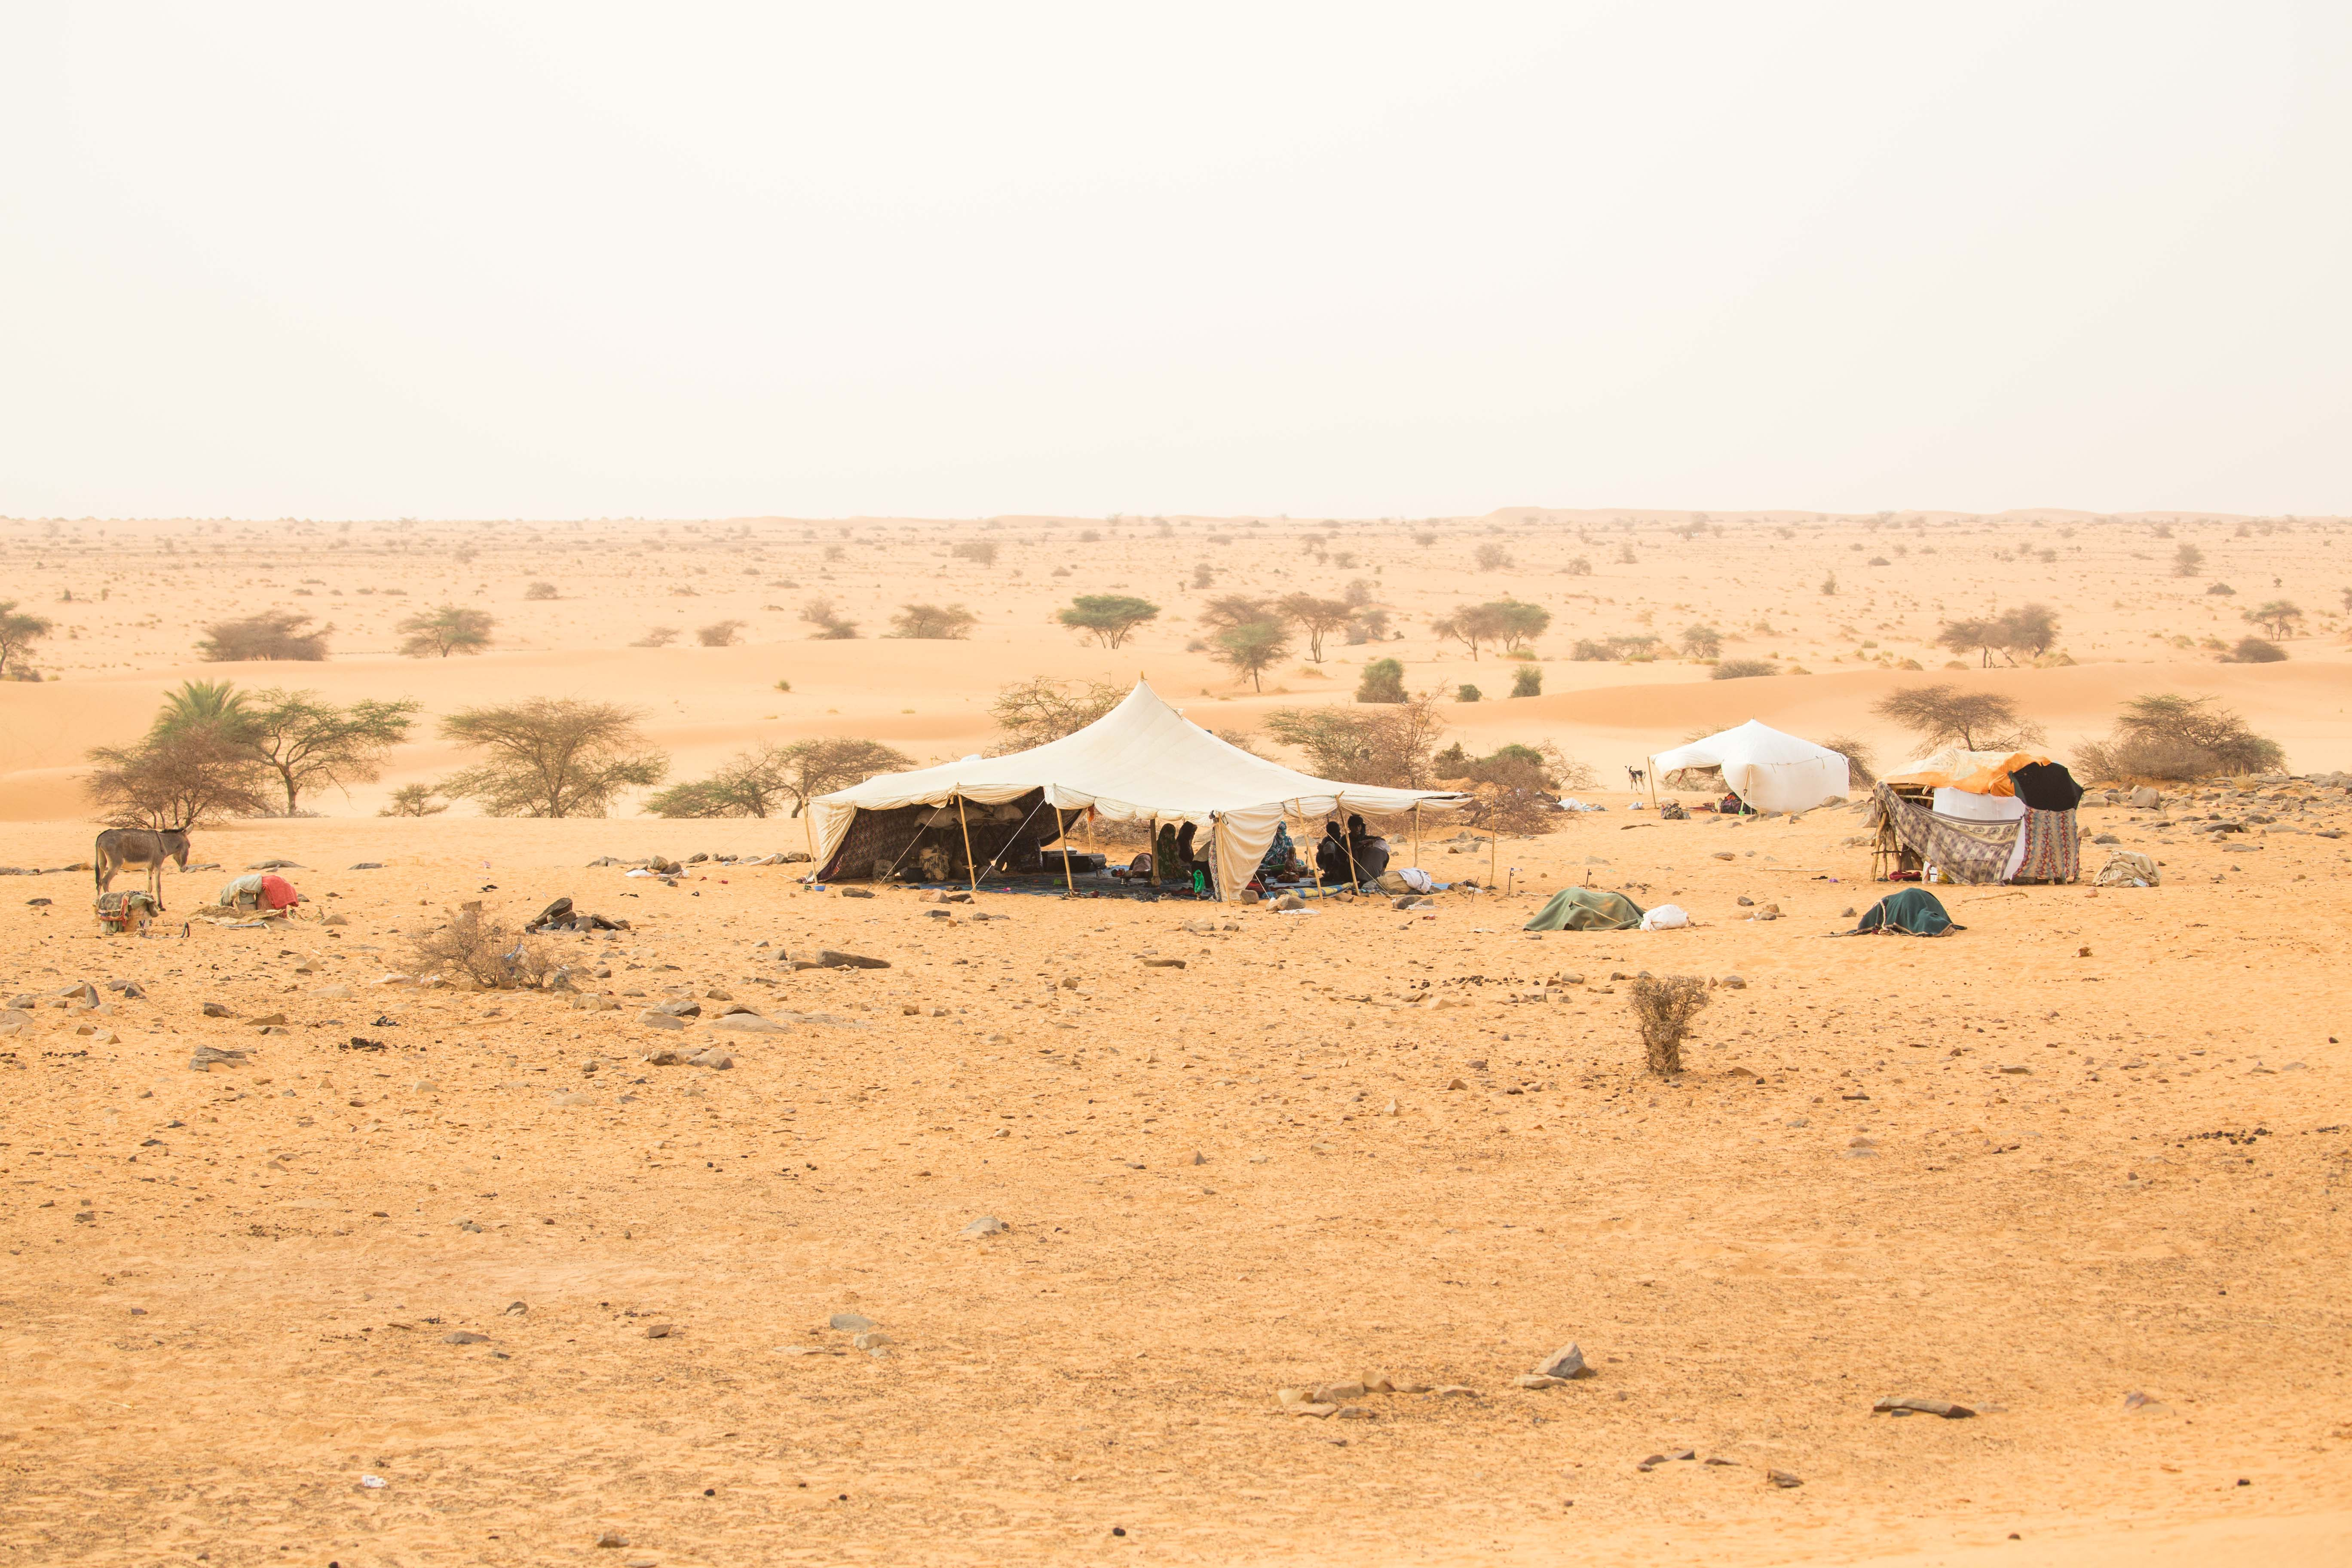 Camp nomade de la famille de Brahim, un berger du désert.